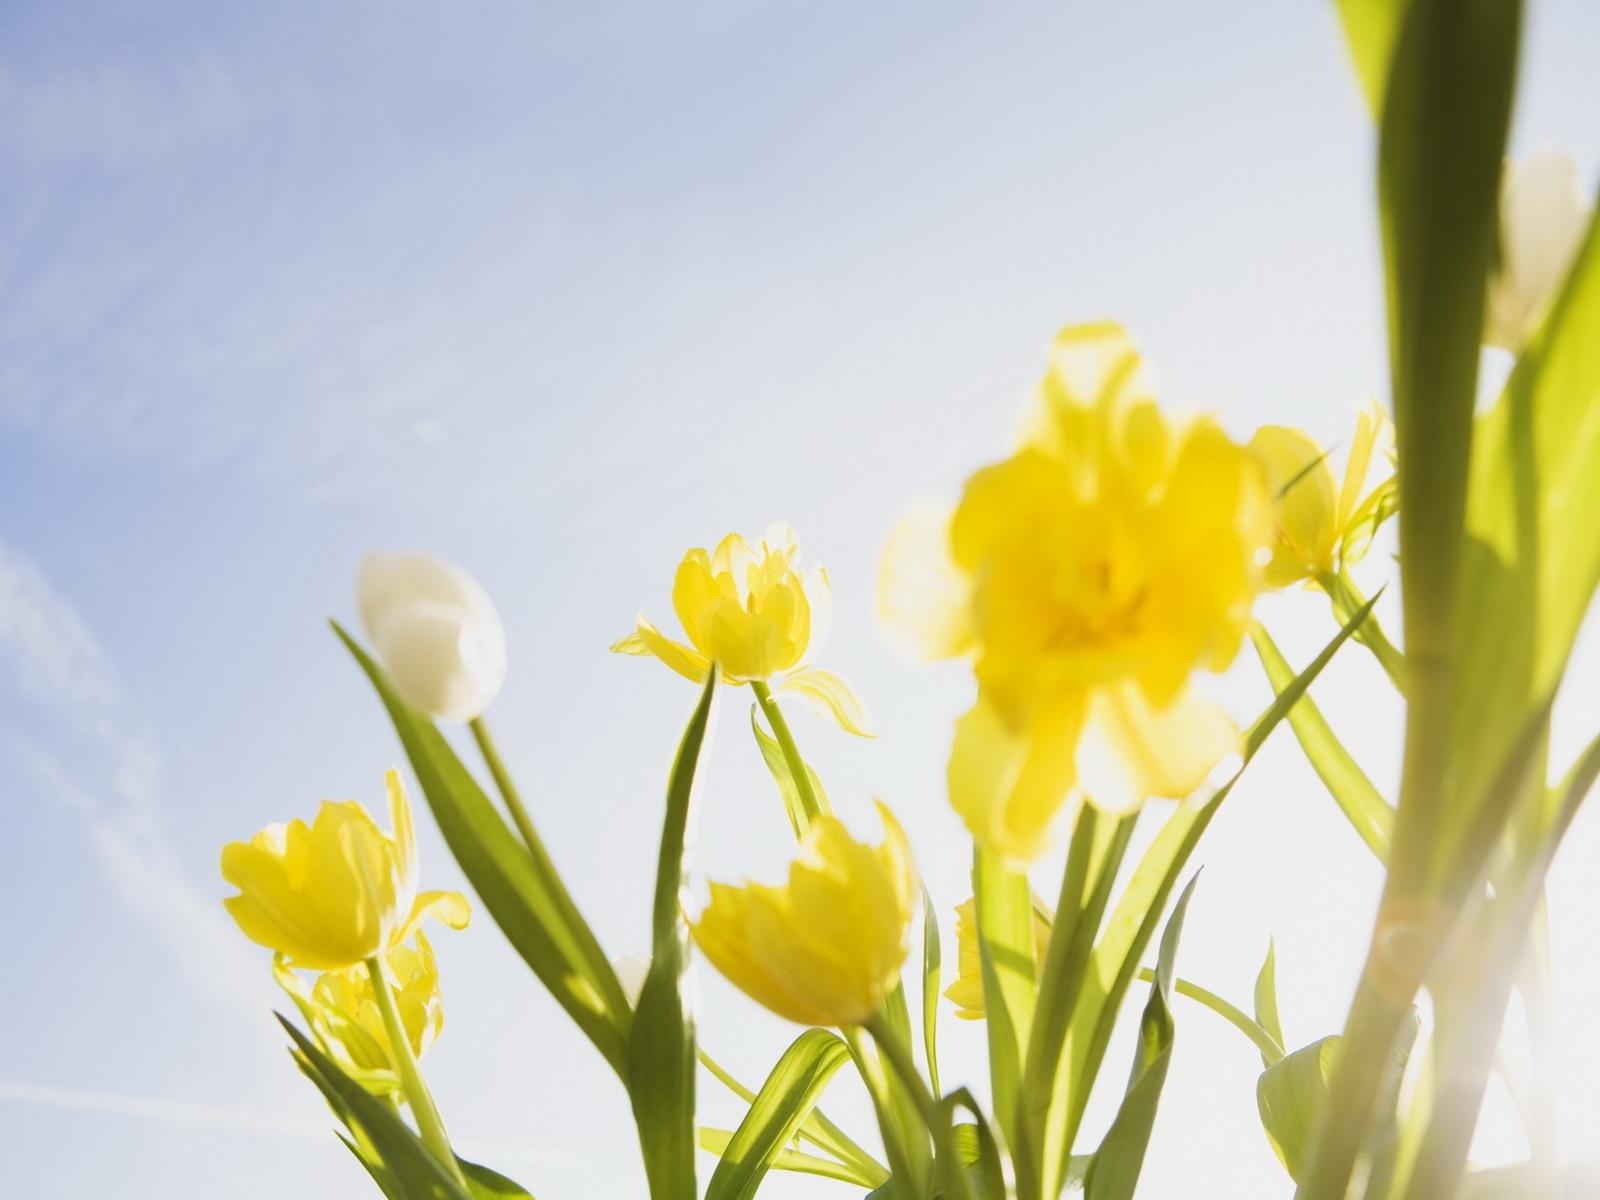 7992 скачать обои Растения, Цветы, Тюльпаны, Чистое Небо (Clear Sky) - заставки и картинки бесплатно